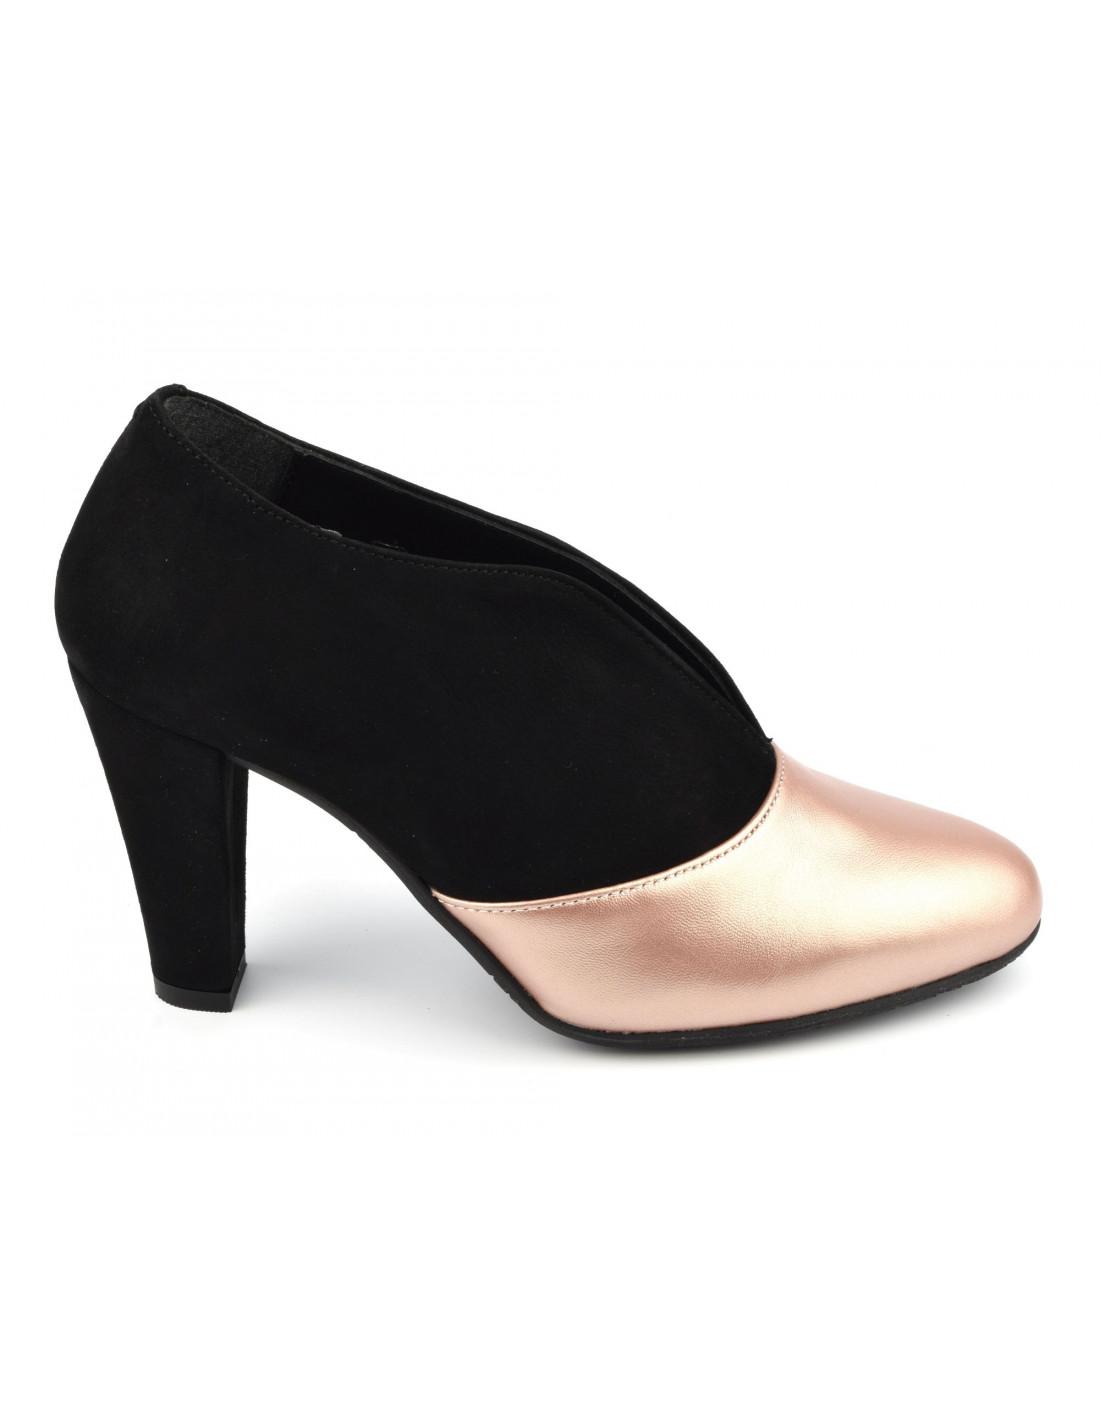 véritable Conception innovante la vente de chaussures Low boots échancrées, bimatière daim noir et nude rosé ,Valto, Bella B